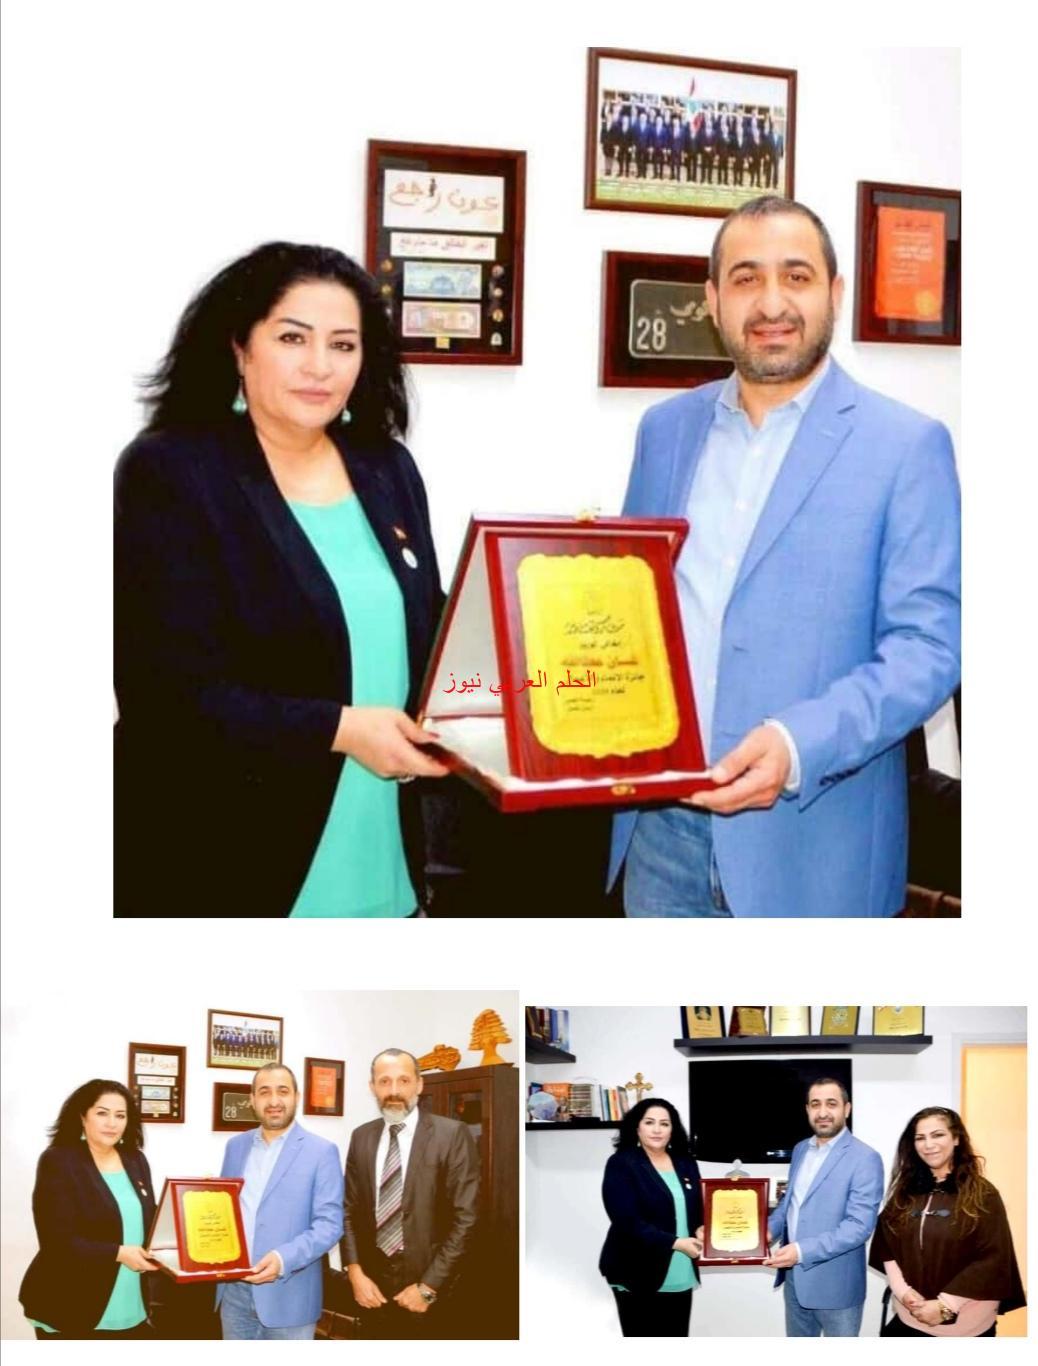 منح  معالي  غسان عطالله جائزة الإنماء والأعمال لعام 2020- لبنان.